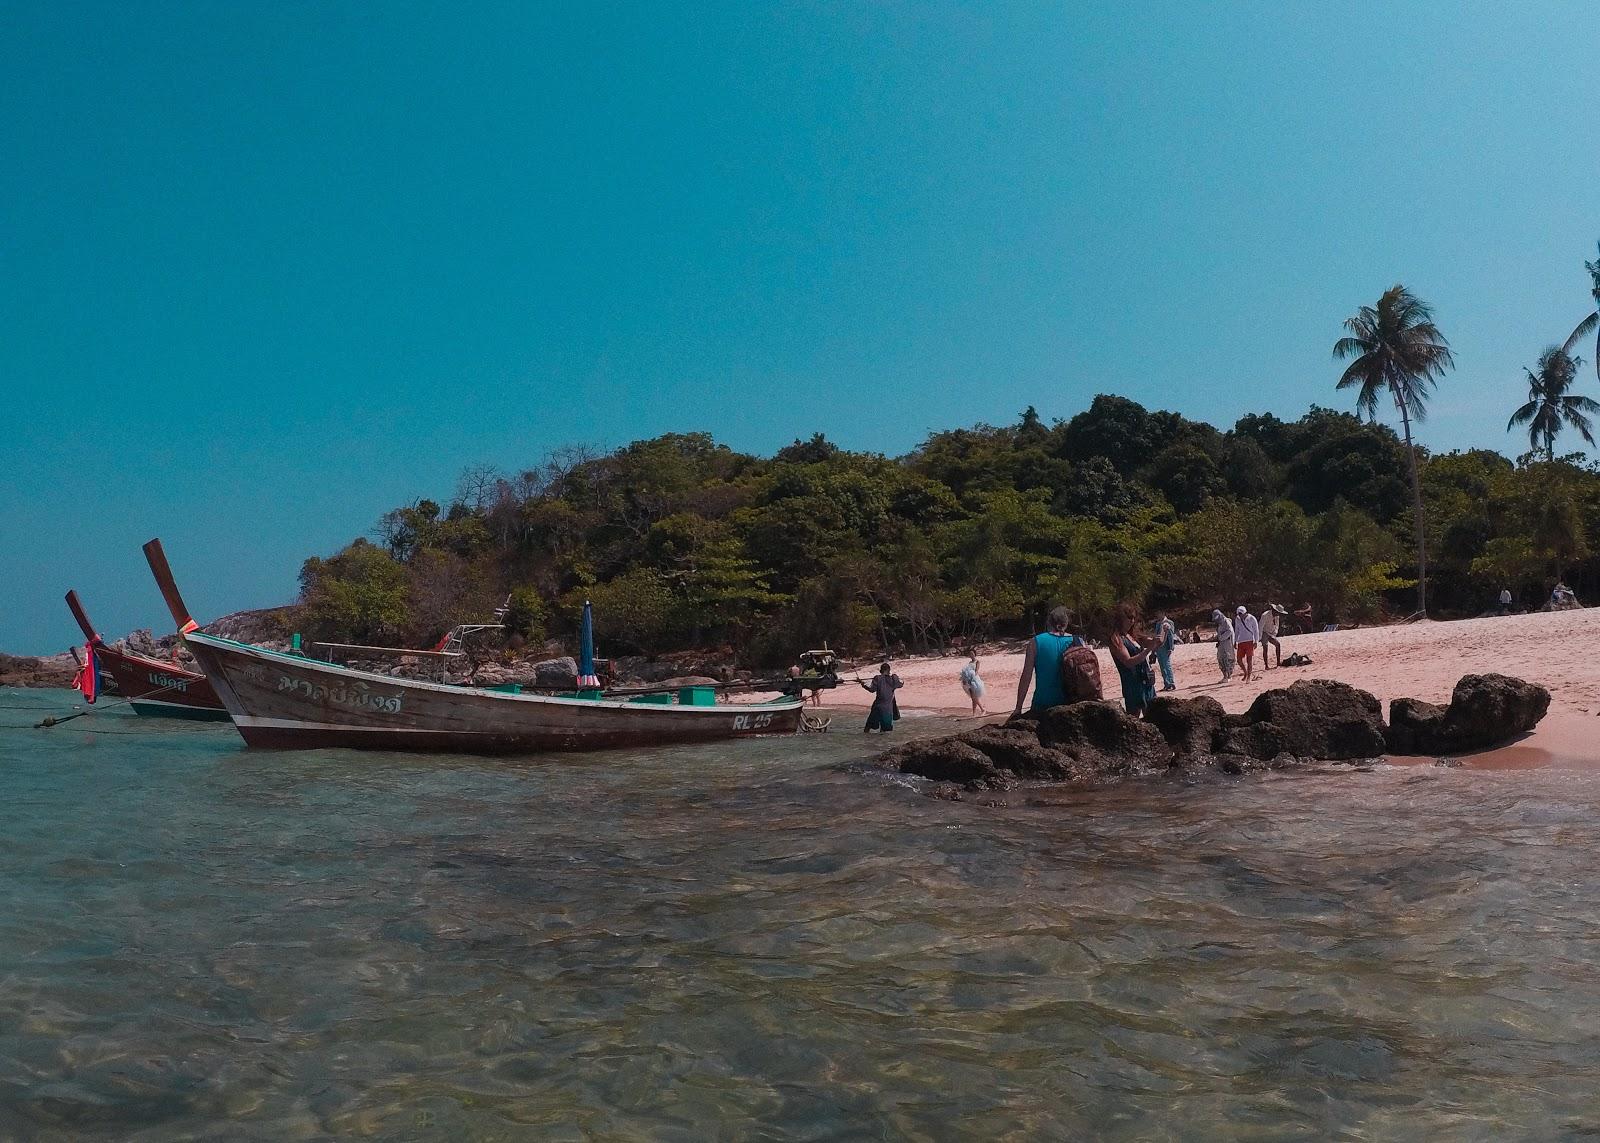 tailandia sudeste asiatico